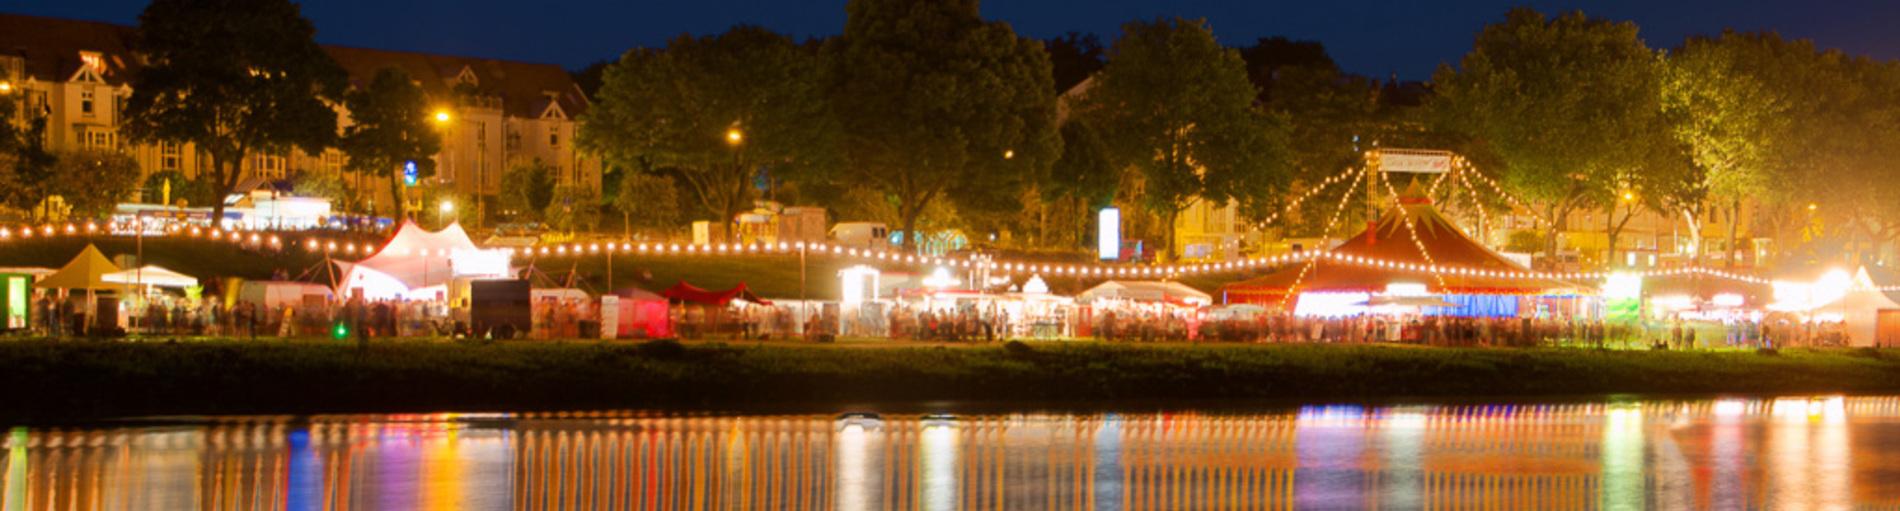 Blick auf festlich beleuchtete Festzelte zur Breminale an der Weser